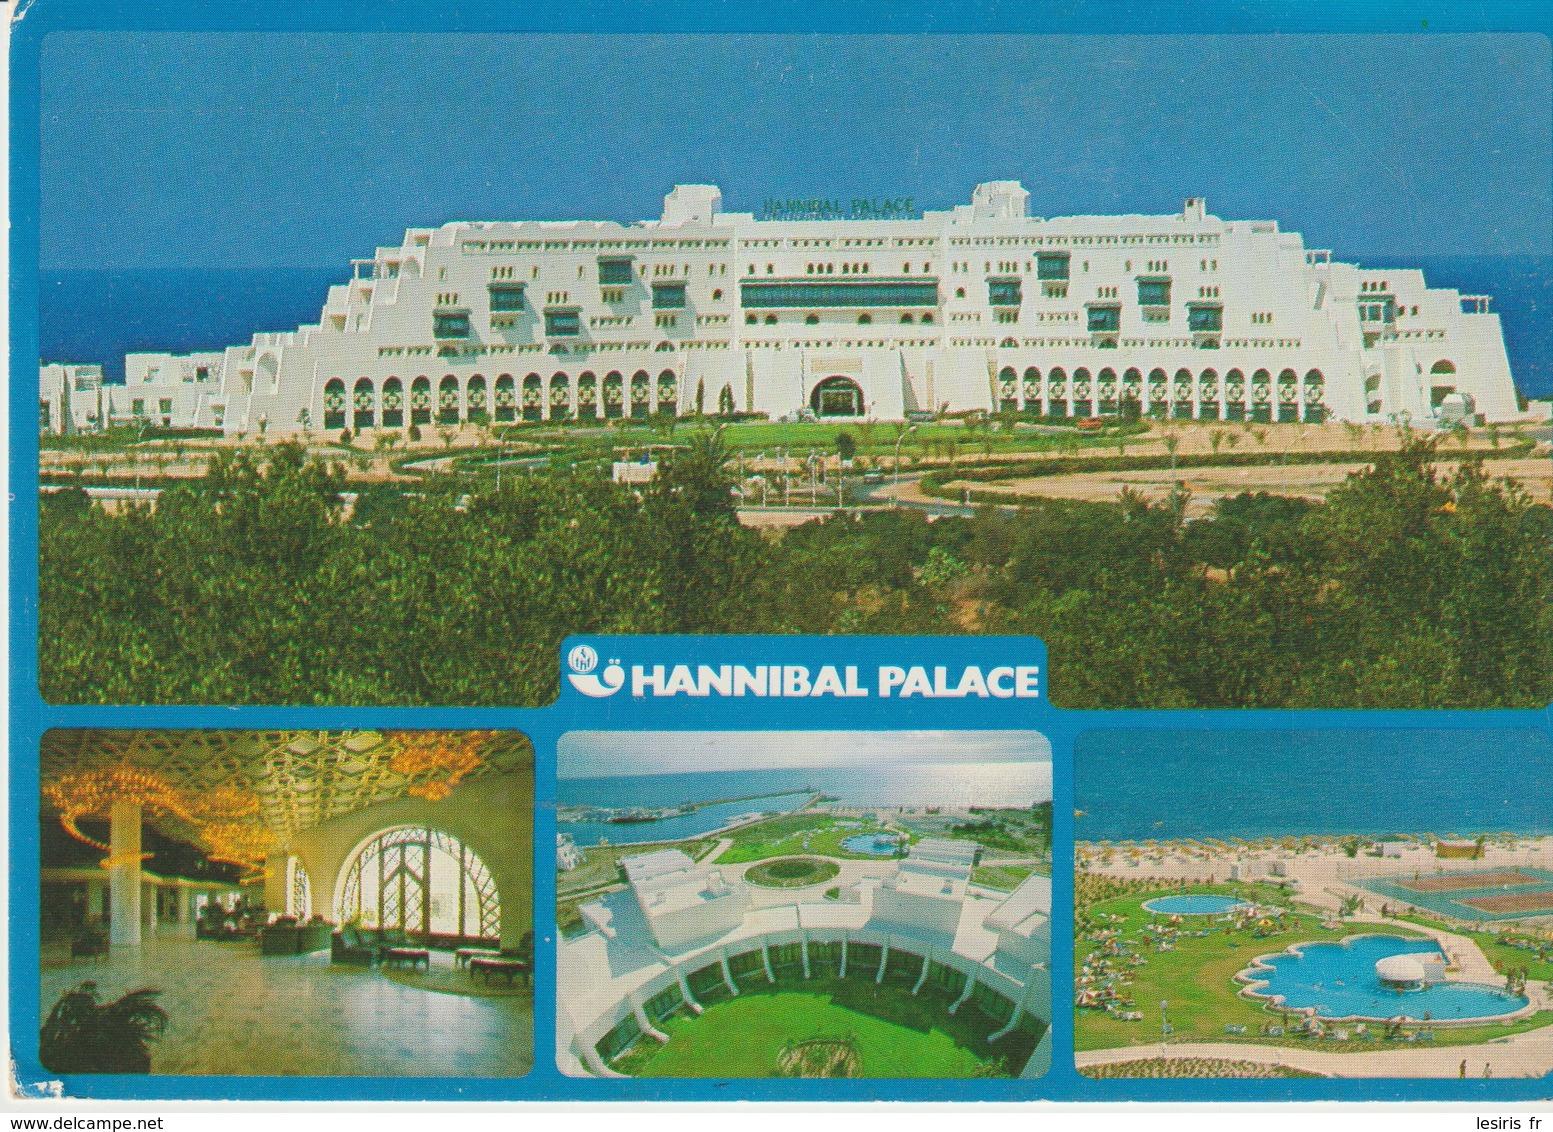 C.P. - PHOTO - TUNISIE - SOUSSE - HANNIBAL PALACE - TANIT - 394 - 4 VUES - Túnez